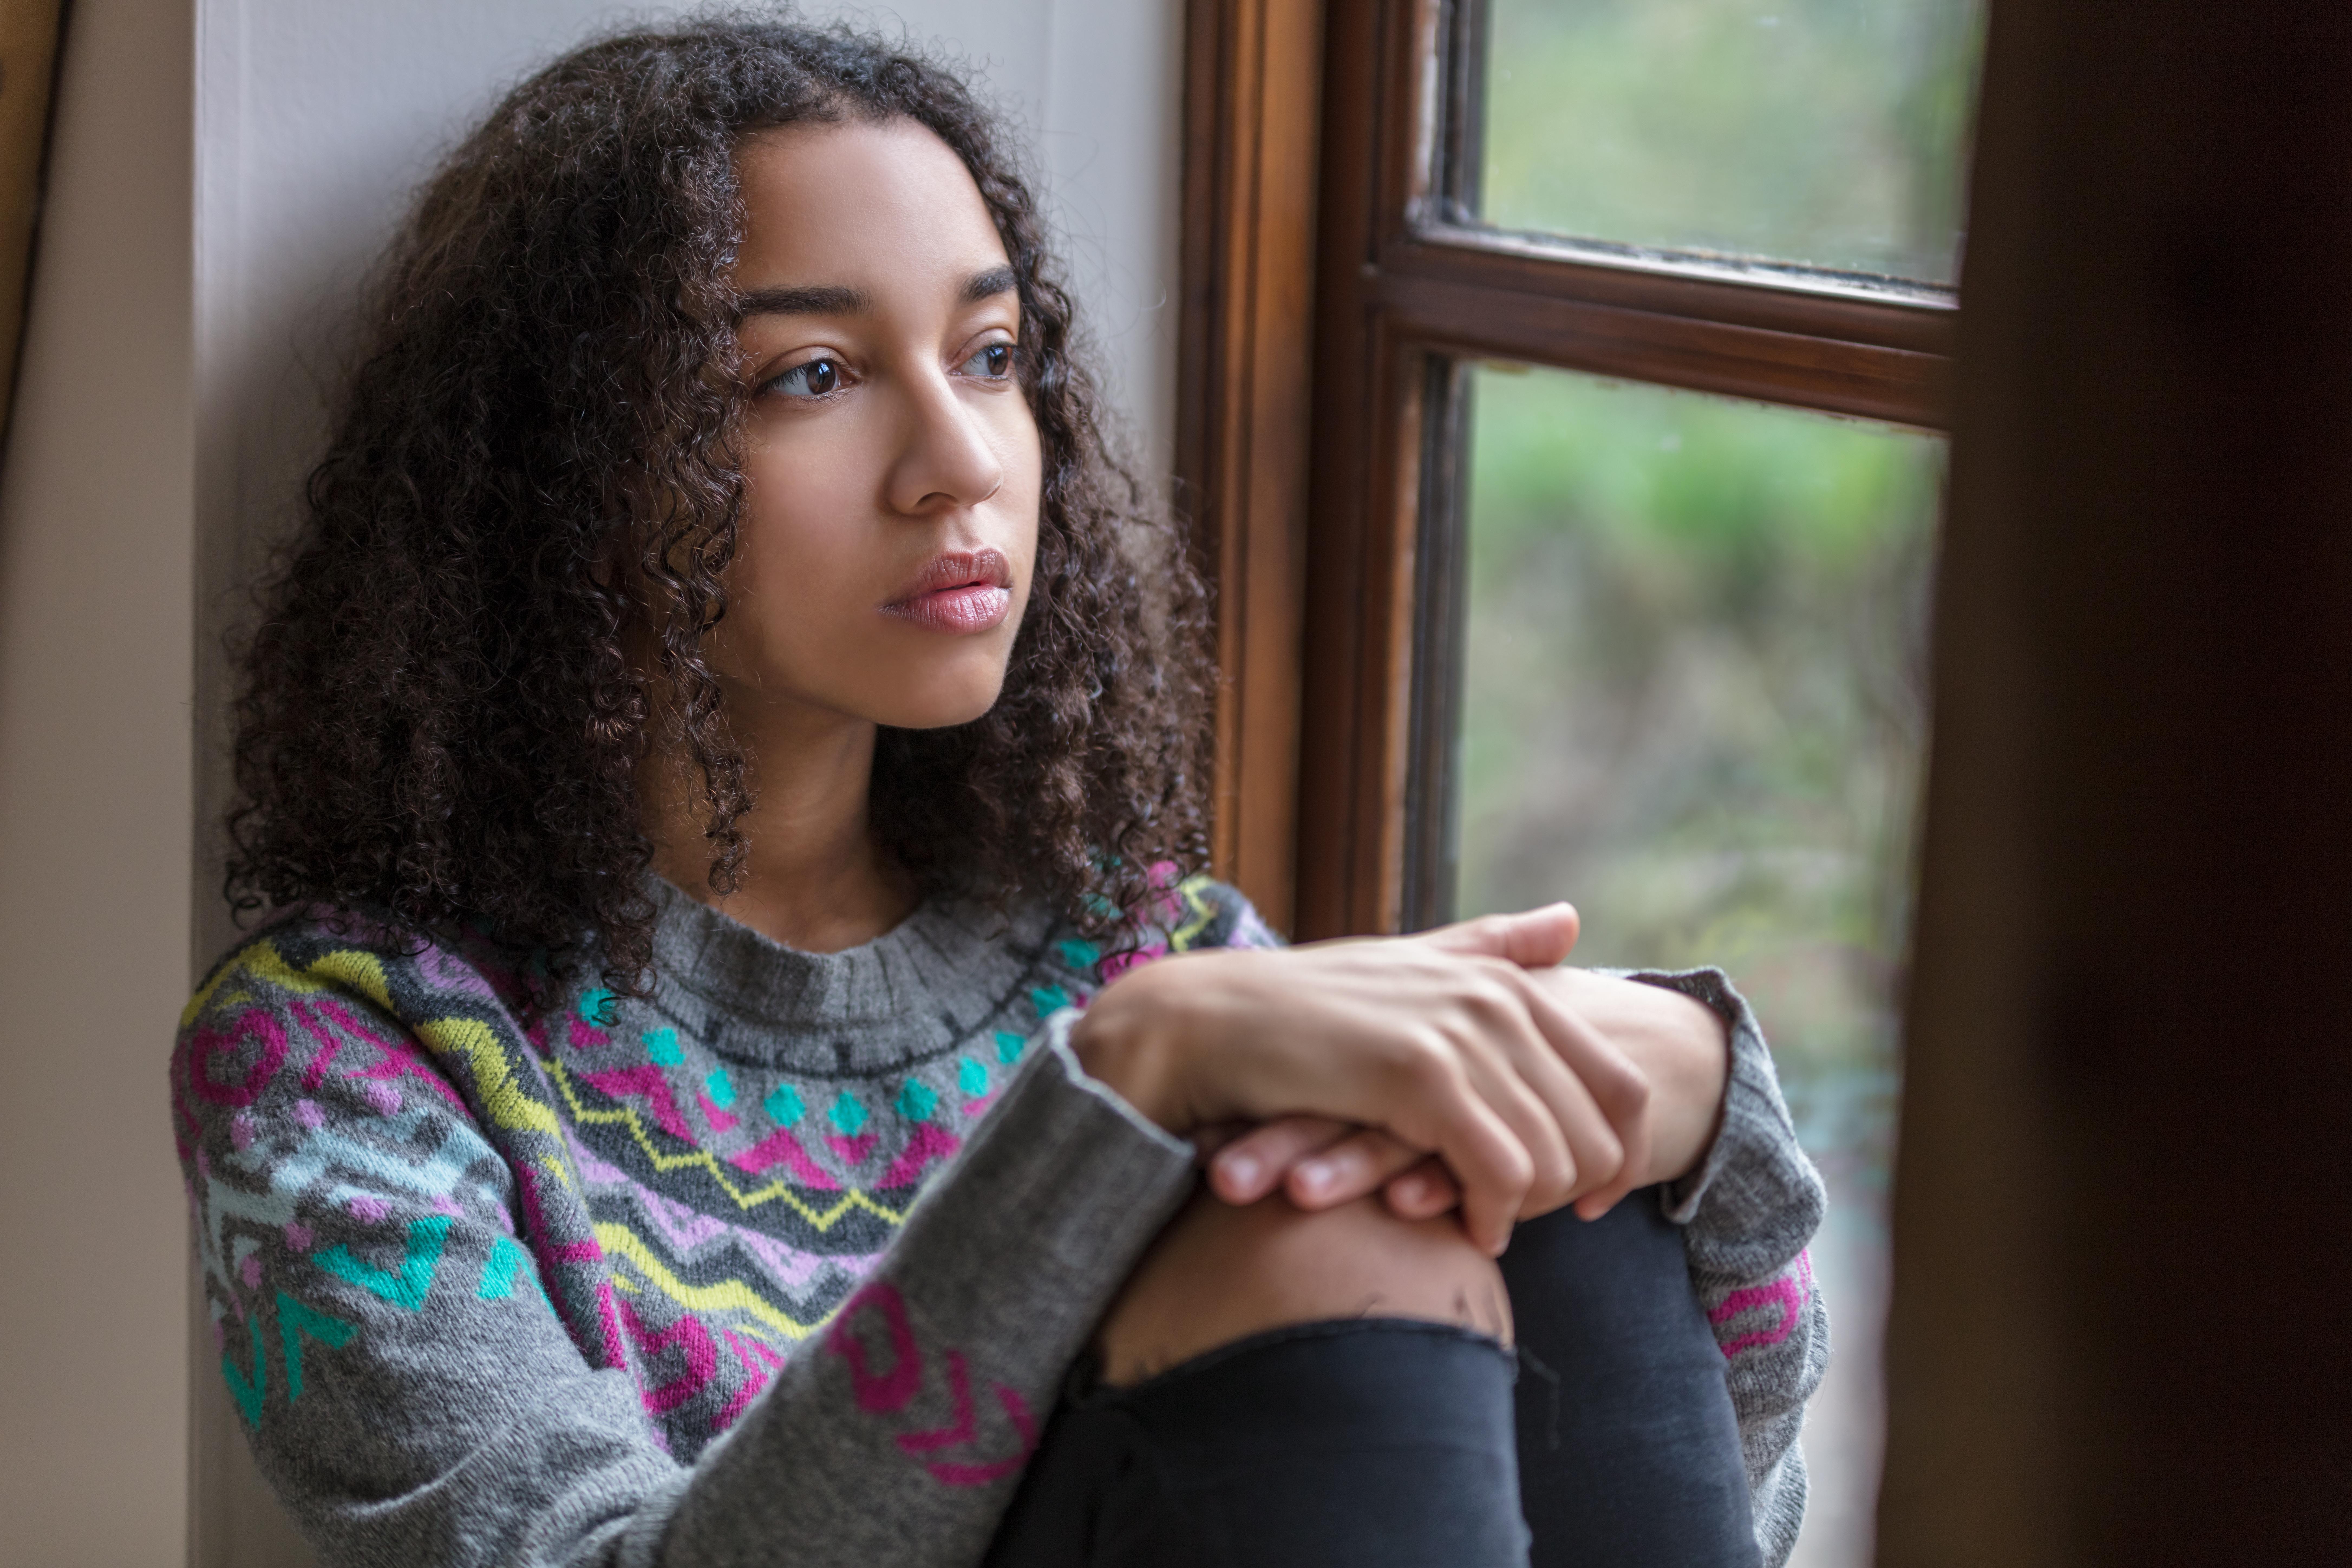 Samtidigt som allt fler barn och unga behöver behandling för psykiatriska diagnoser har tillgängligheten till barn- och ungdomspsykiatrin (BUP) försämrats.